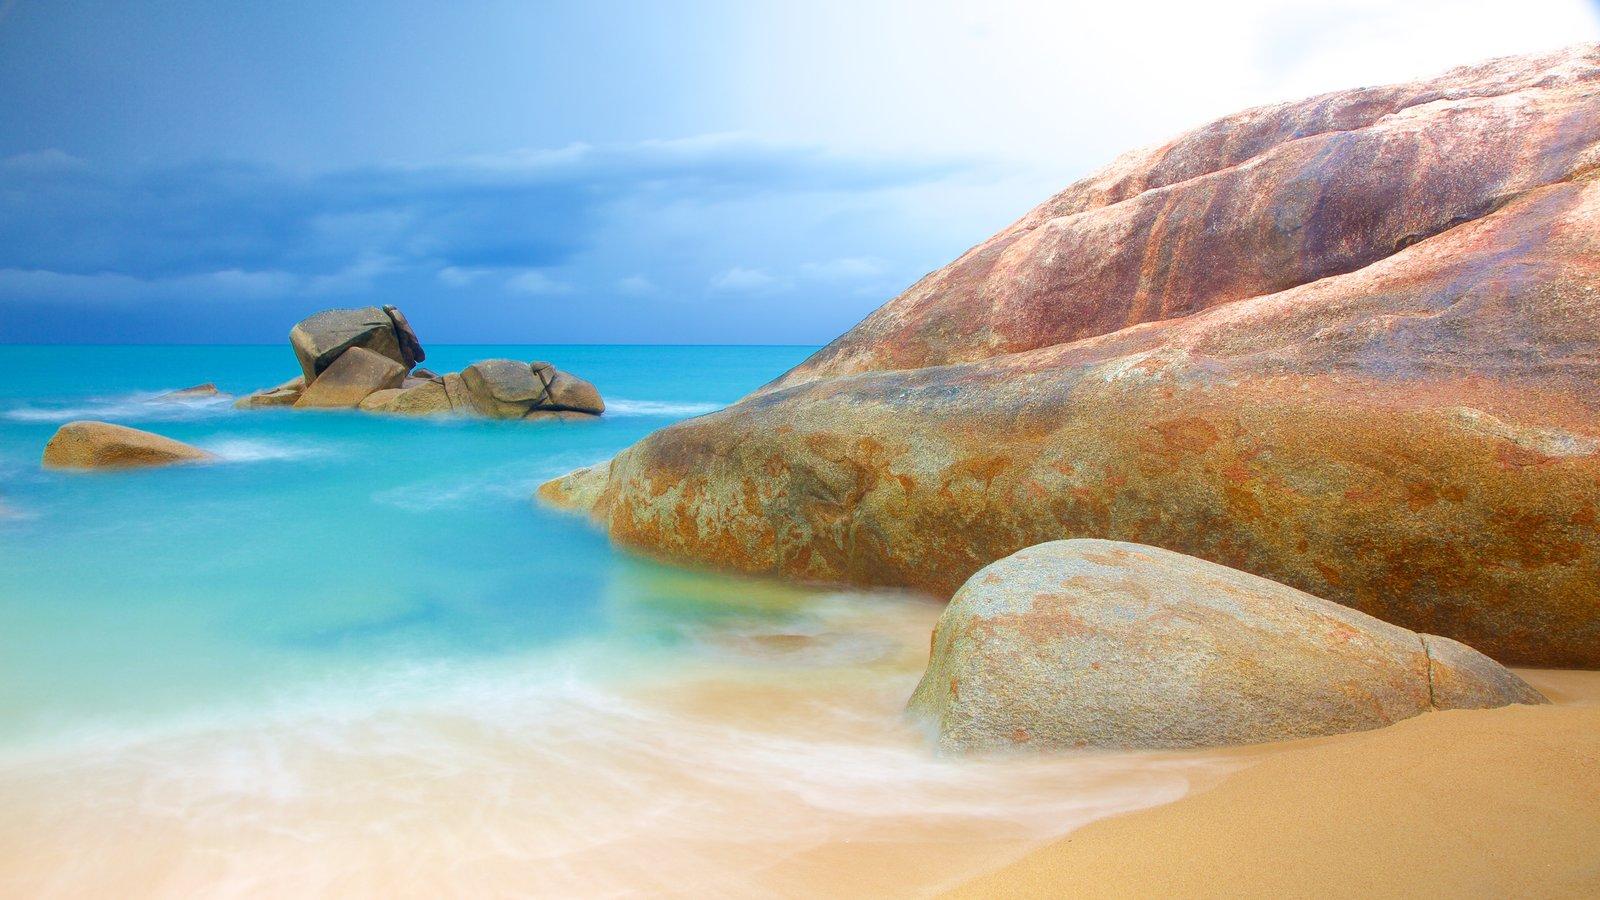 Hin Ta and Hin Yai mostrando litoral rochoso